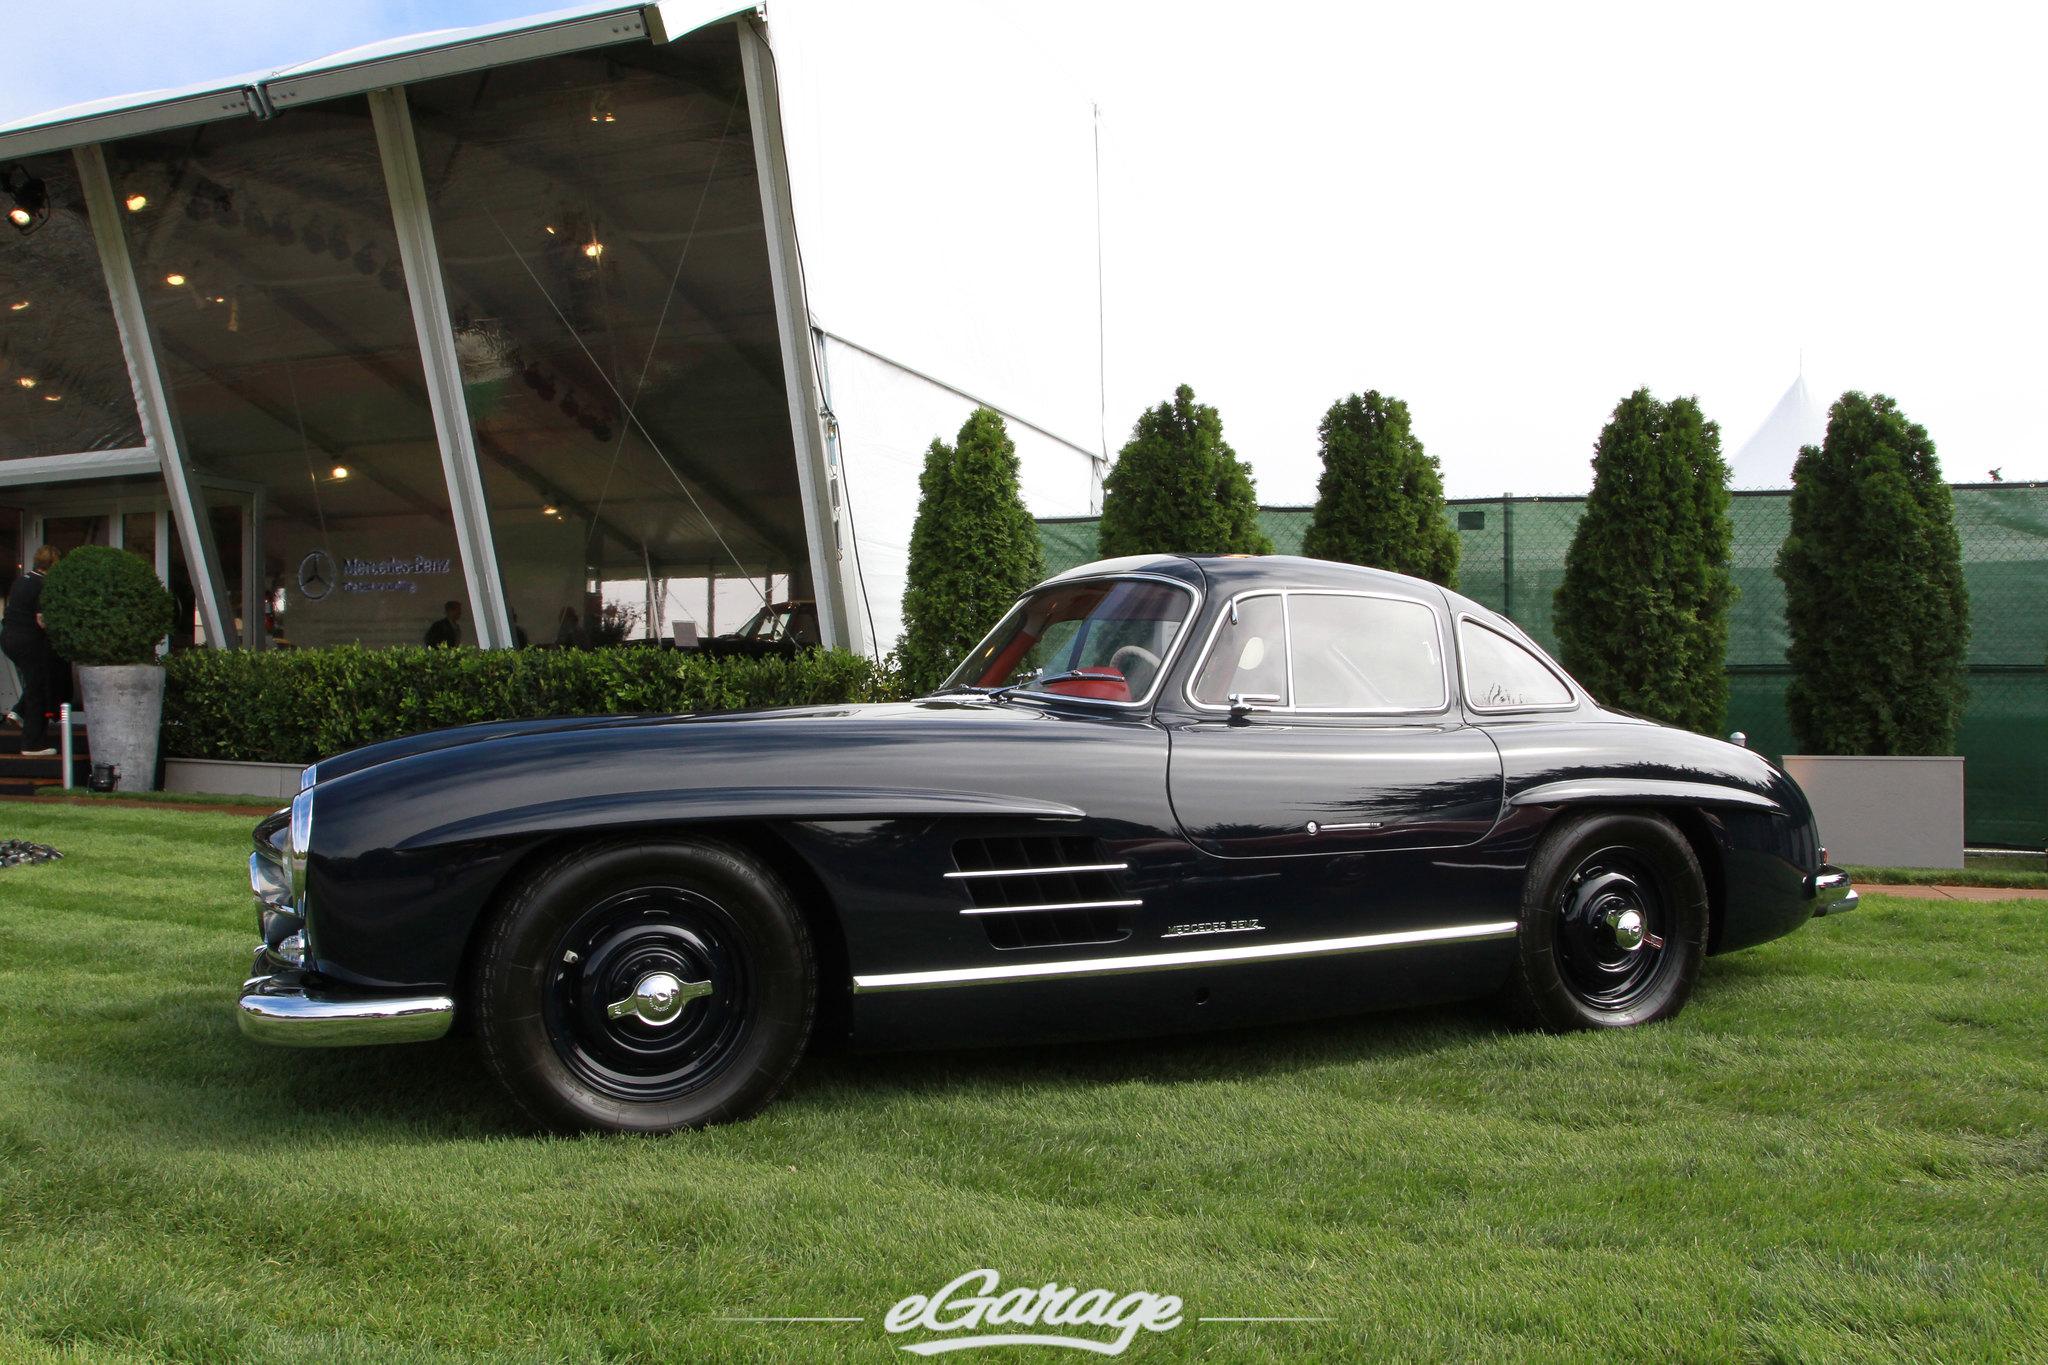 7828976578 97d412a327 k Mercedes Benz Classic